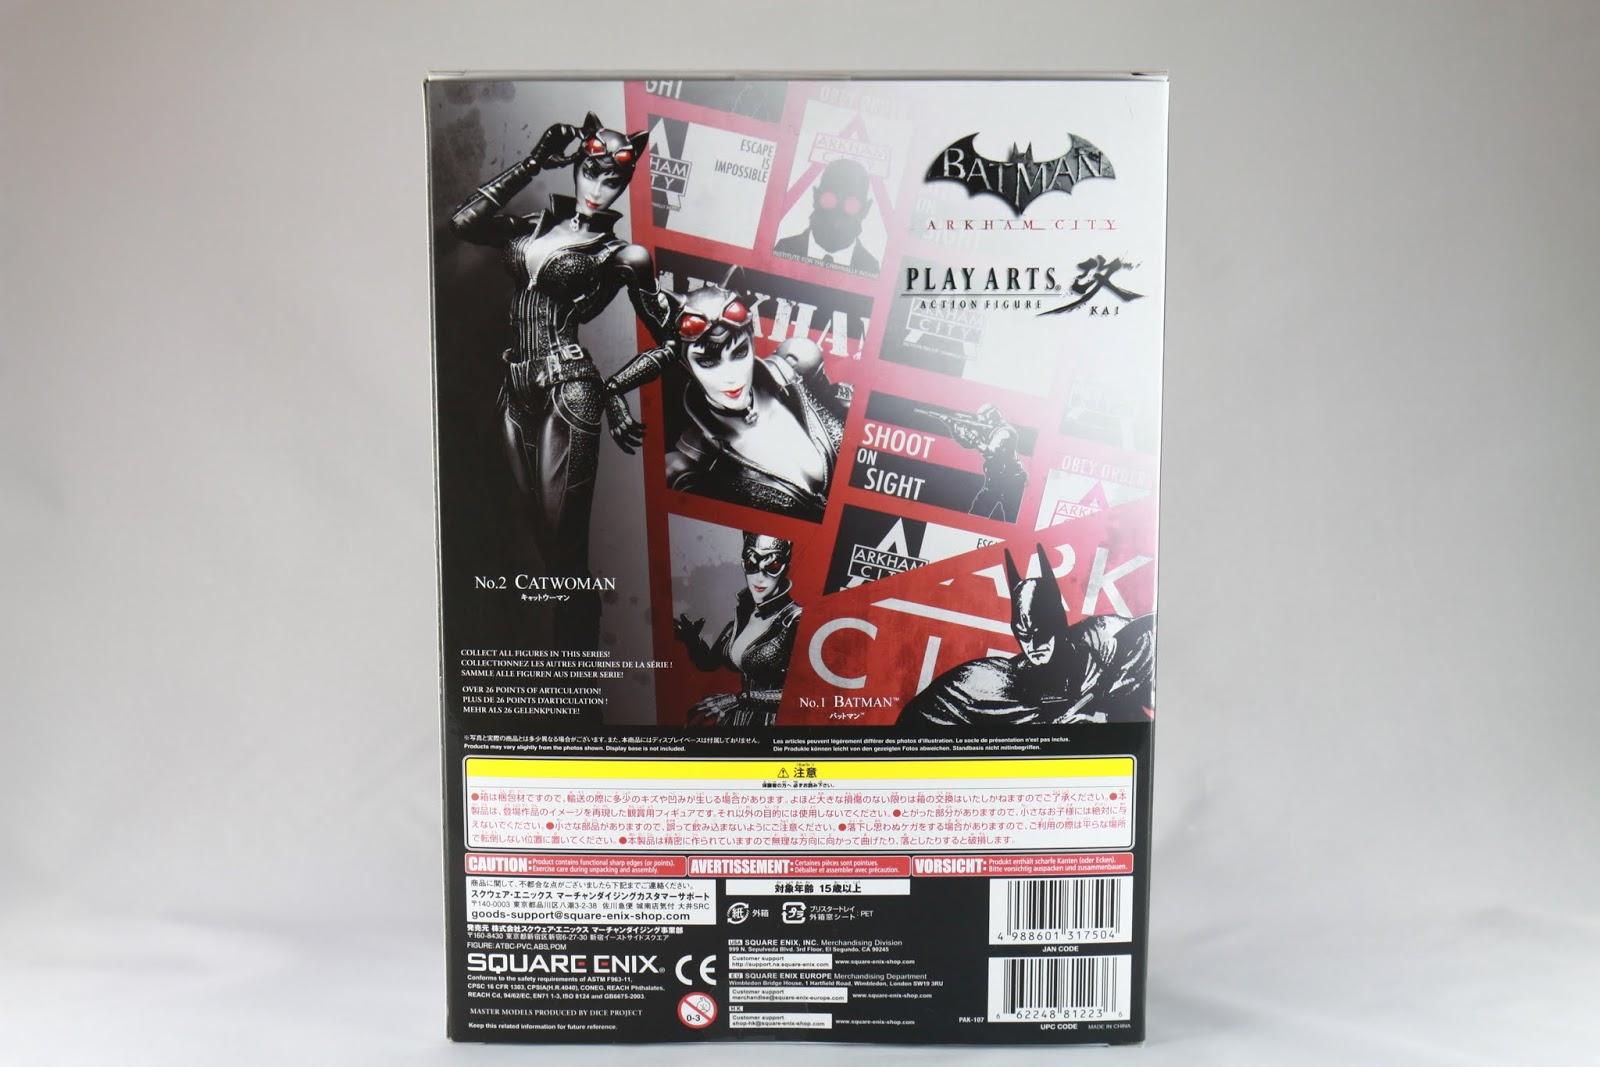 這系列大概就只有這兩支了吧 之前還有一組The Dark Knight Returns老蝙蝠俠跟遊戲裡的羅賓 但那組我沒收到 應該會等有機會再收 但我不知道那組的盒子長怎樣就是